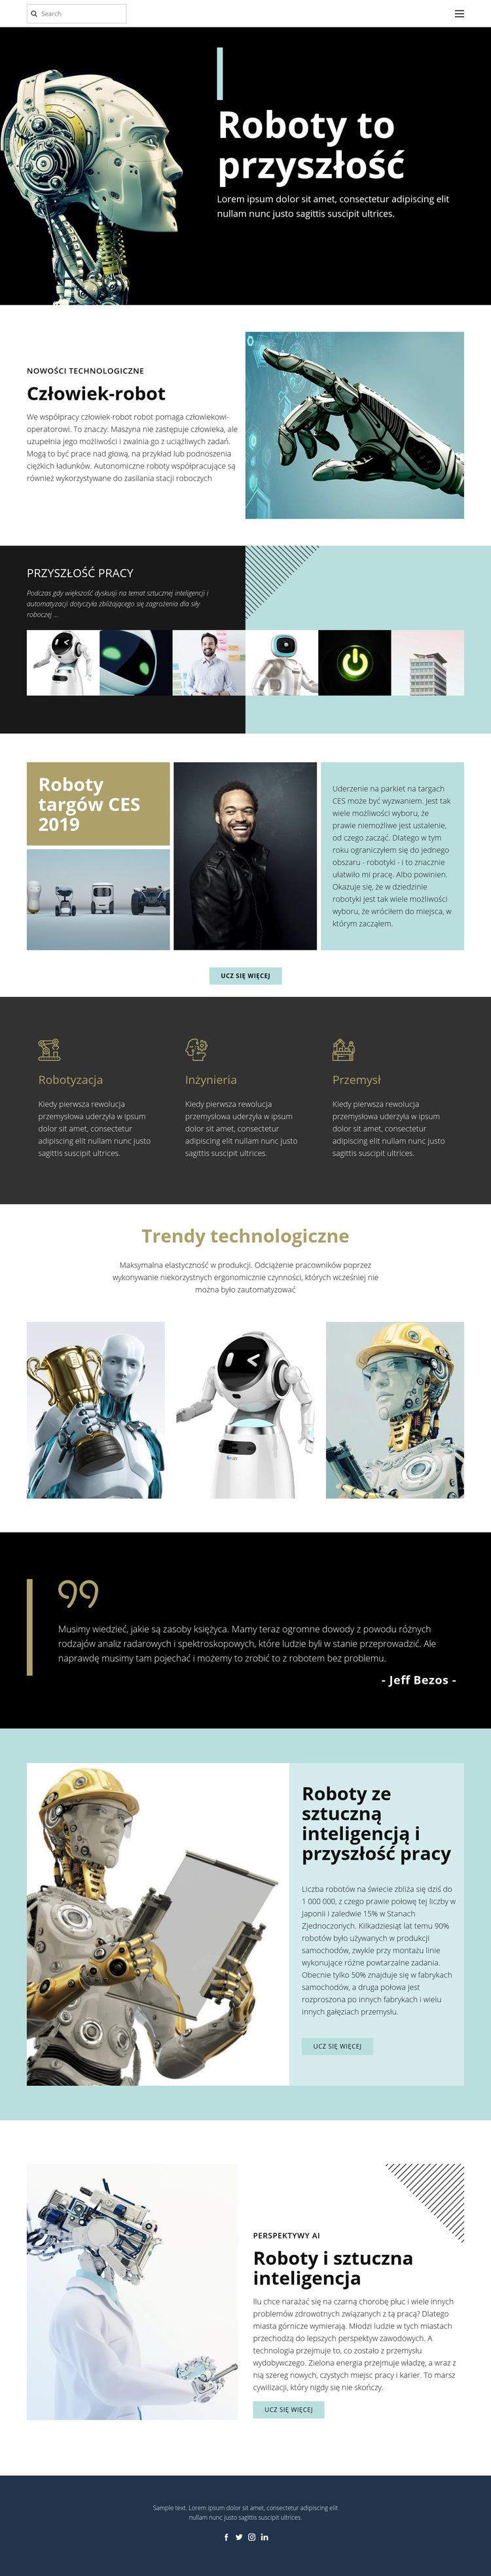 Już technologia przyszłości Szablon witryny sieci Web